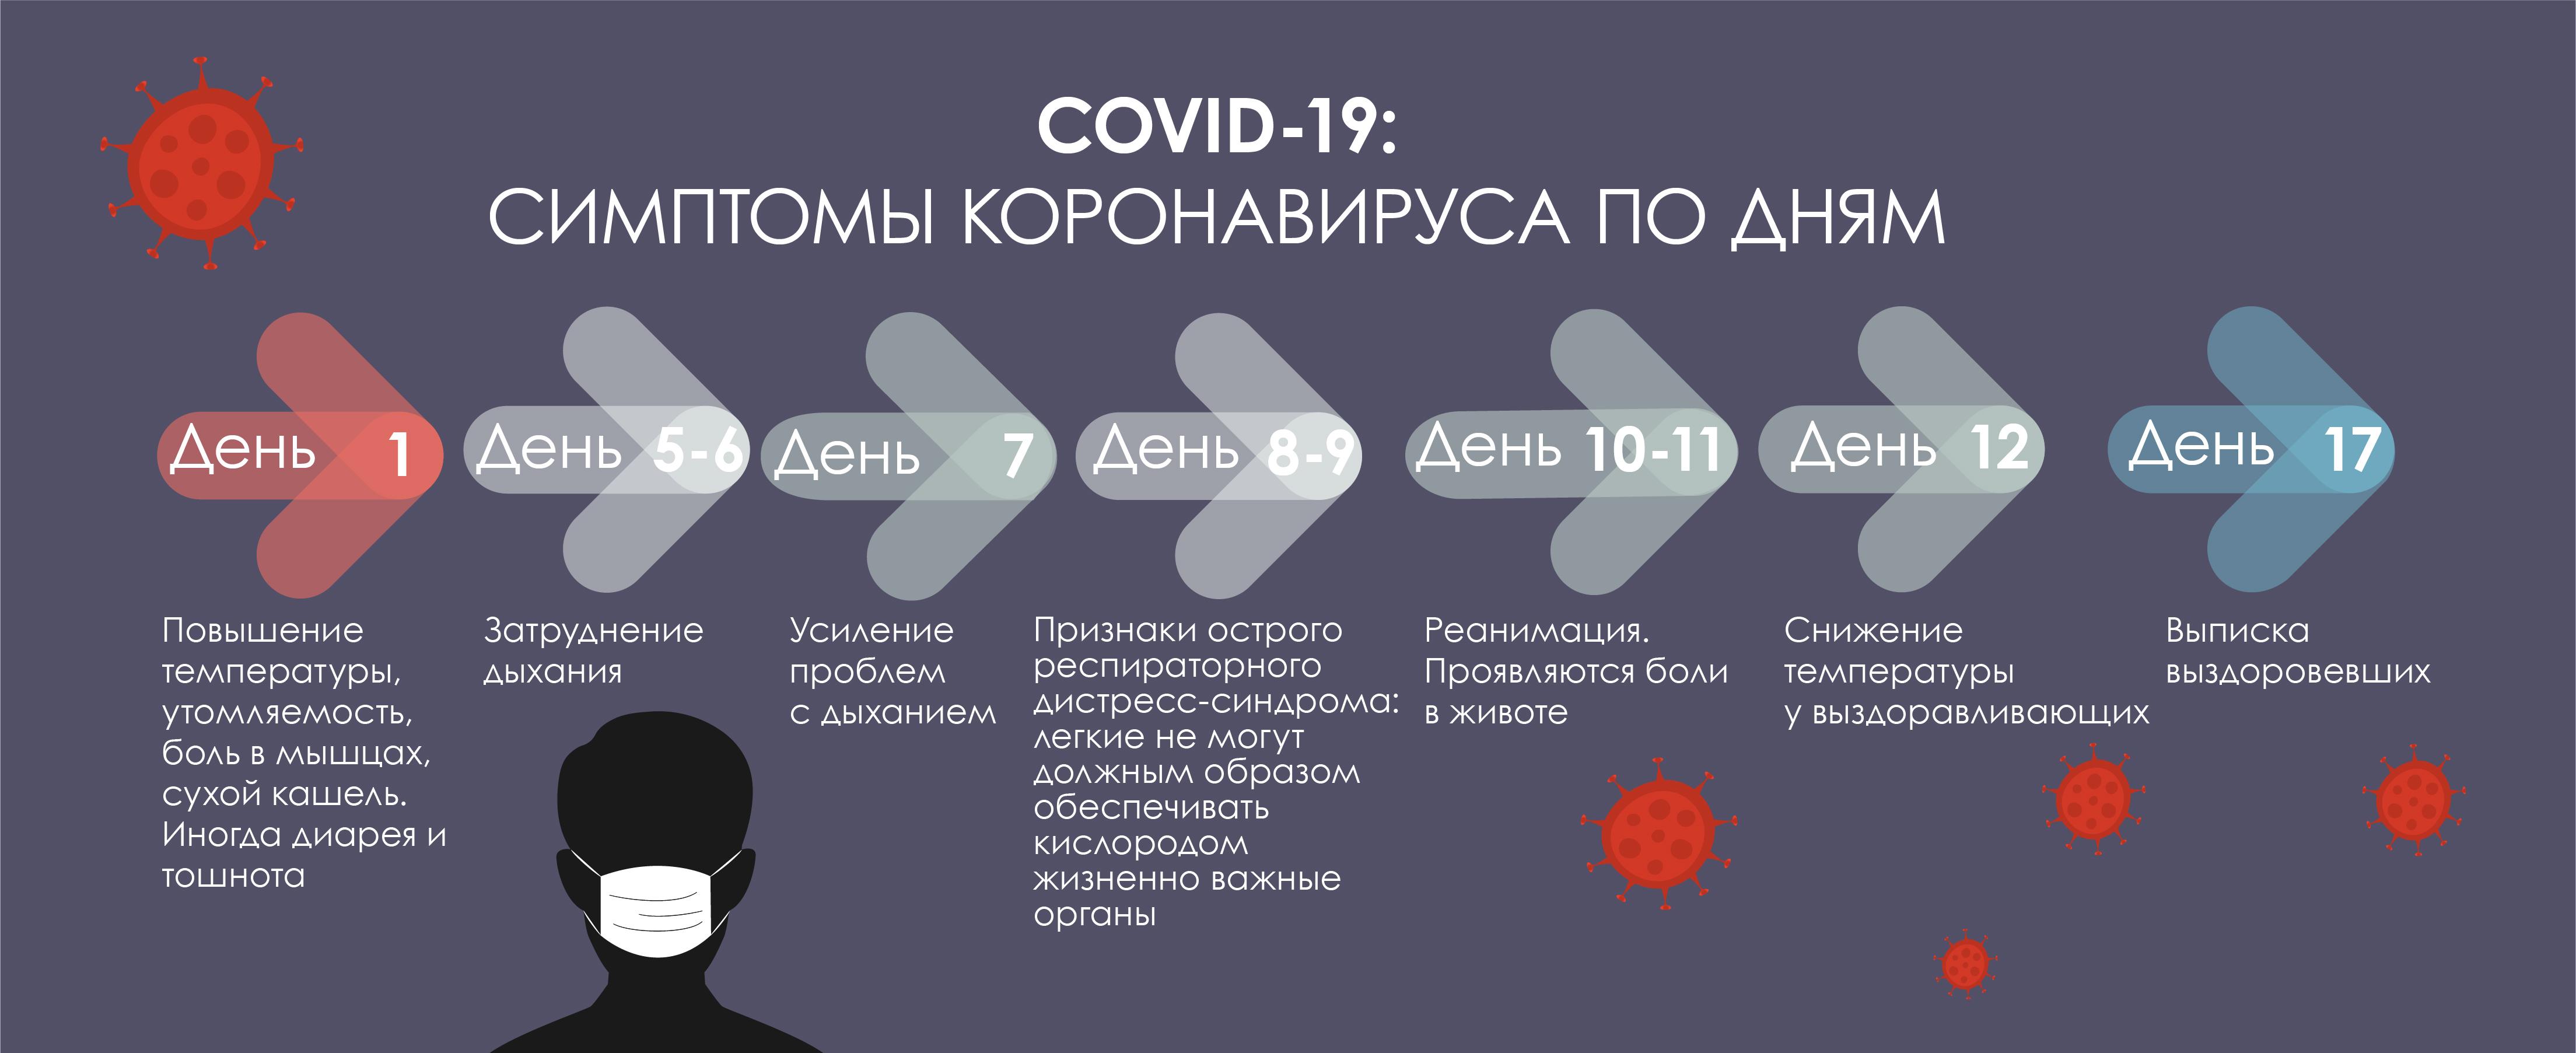 сколько держится температура при коронавирусе